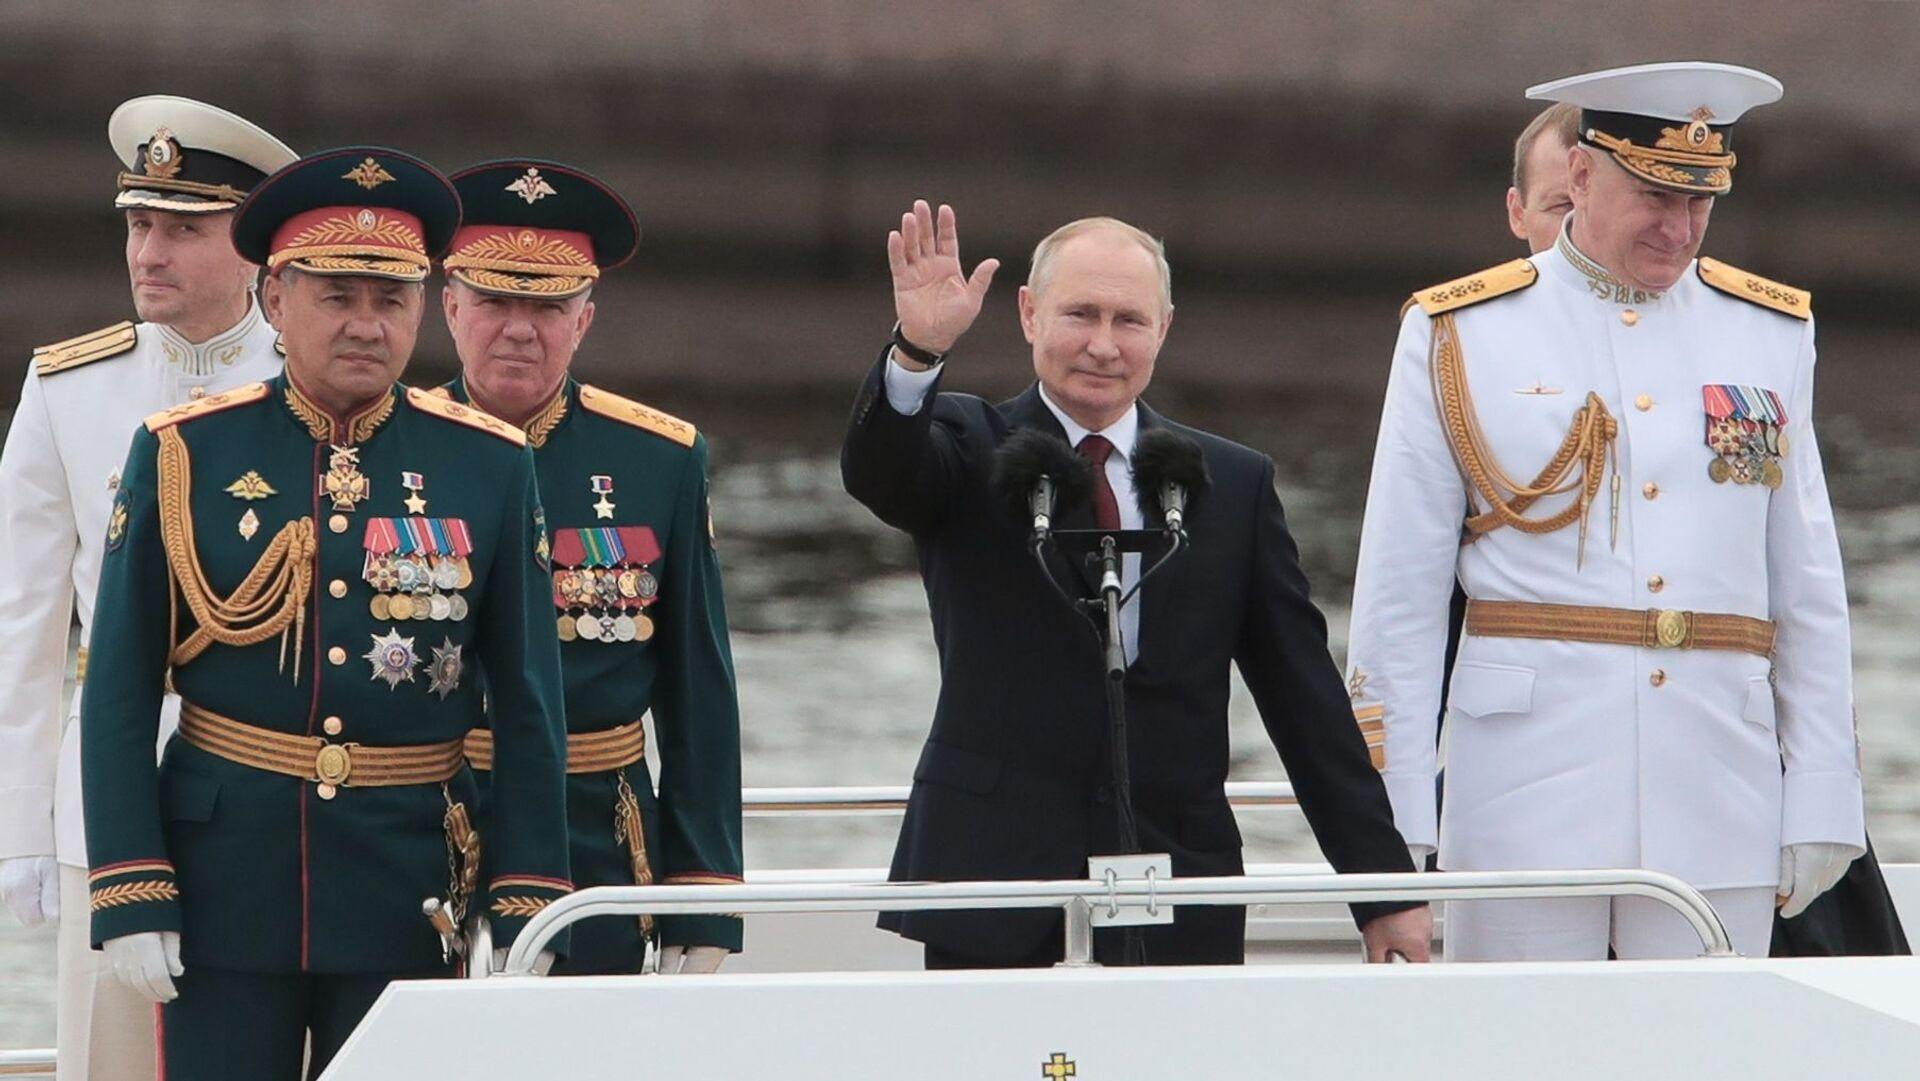 Władimir Putin na Paradzie Marynarki Wojennej Rosji 2021 - Sputnik Polska, 1920, 25.07.2021